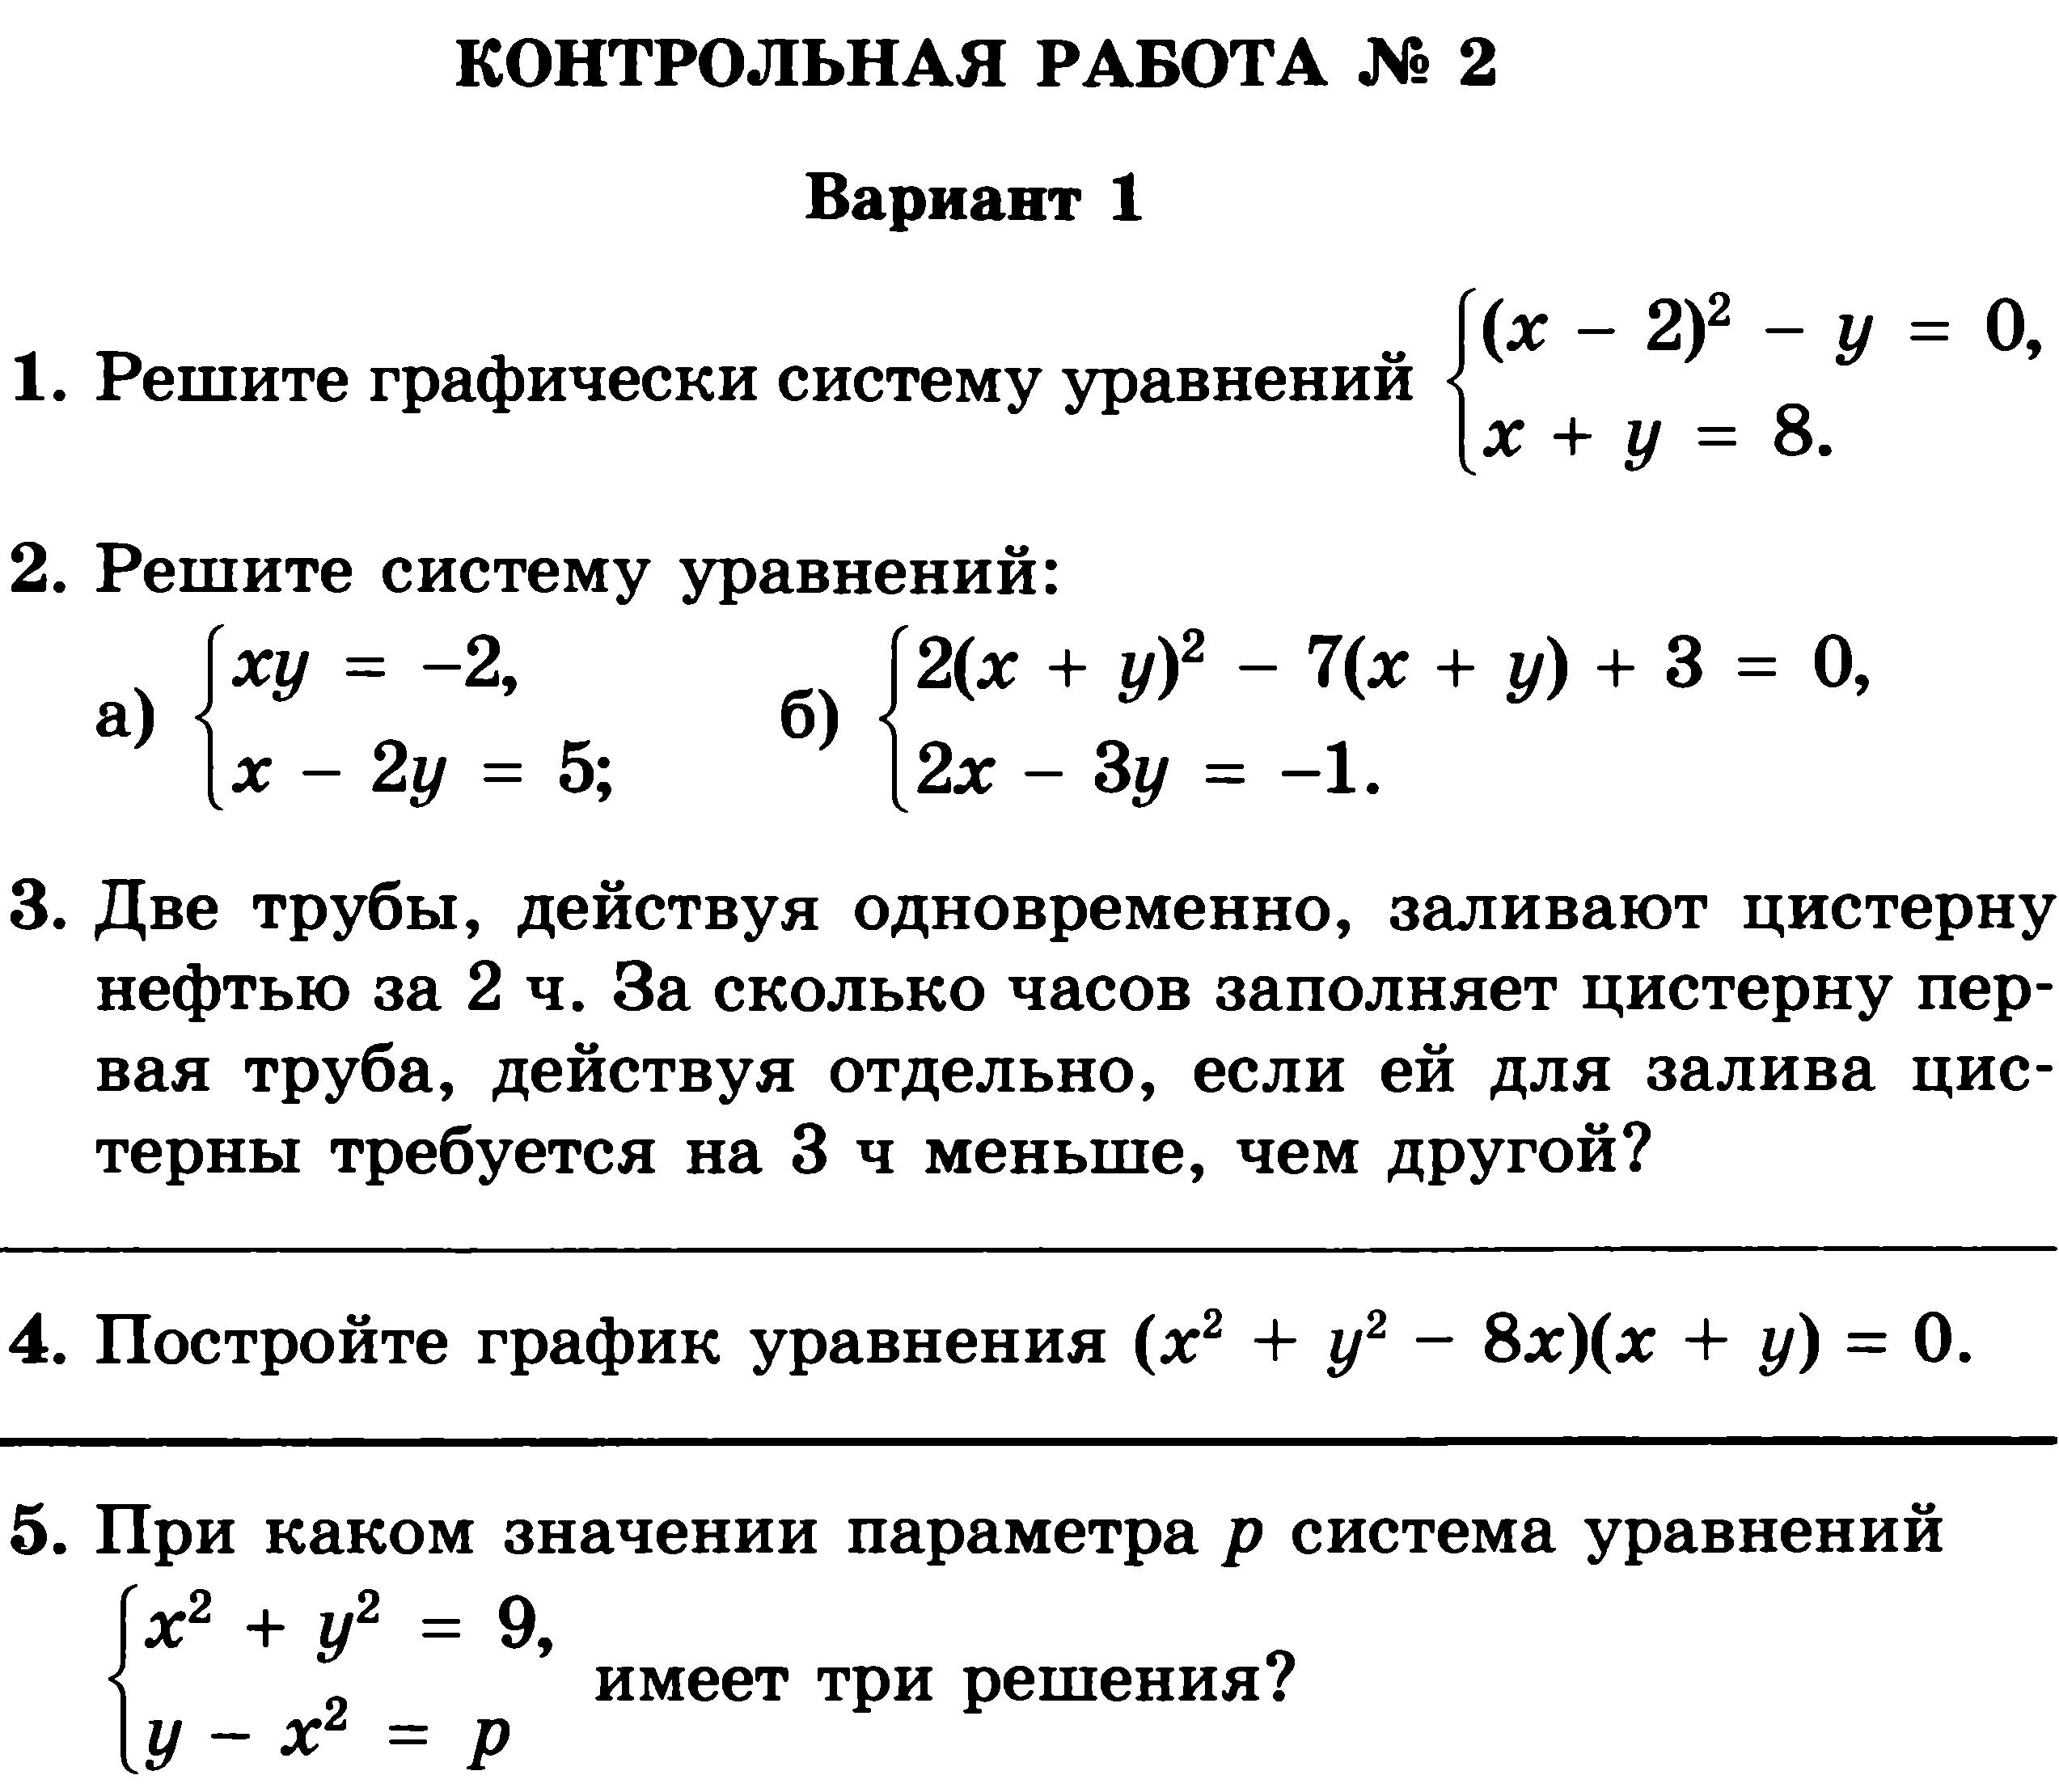 Контрольная работа 1 полугодие 9 класс математика умк мордкович